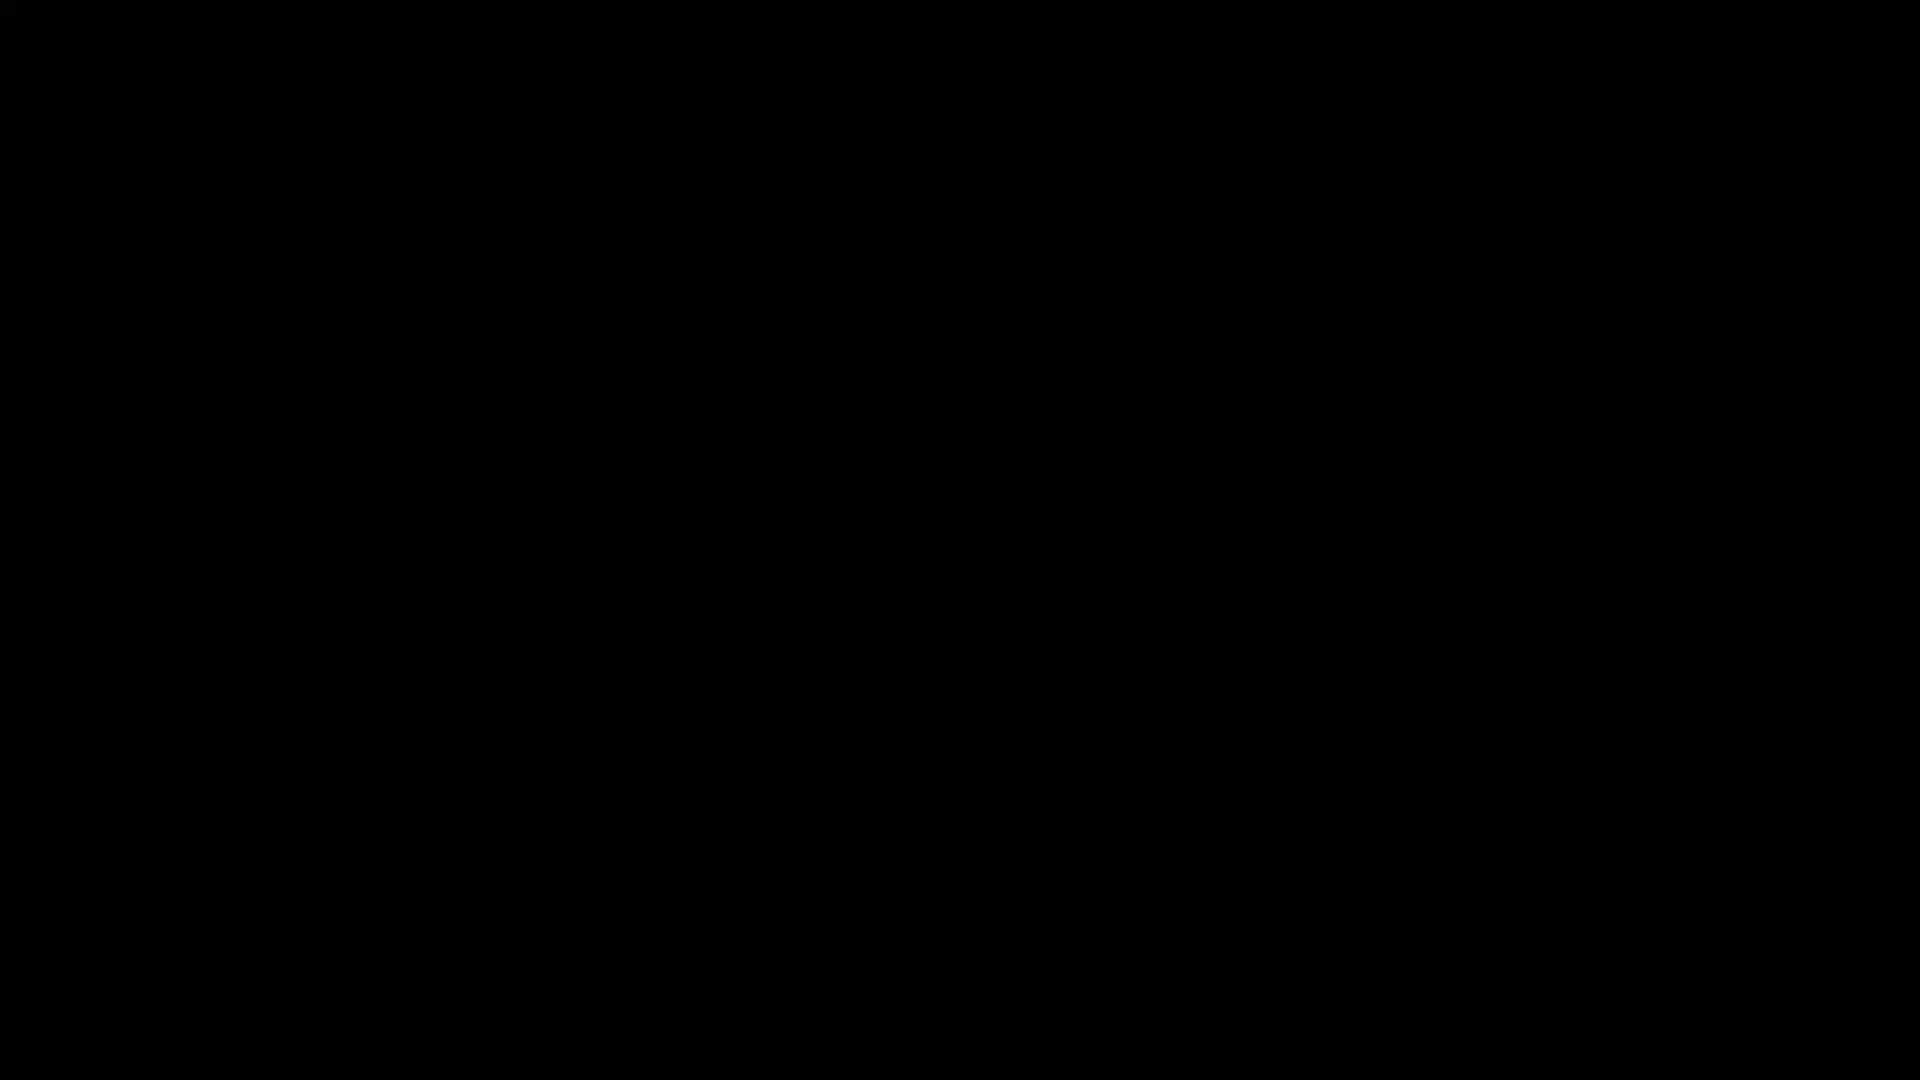 ANK-UP Sedoso Cabelo Rebonding Produtos/Cabelo Liso Perm Rebonding Creme Permanente